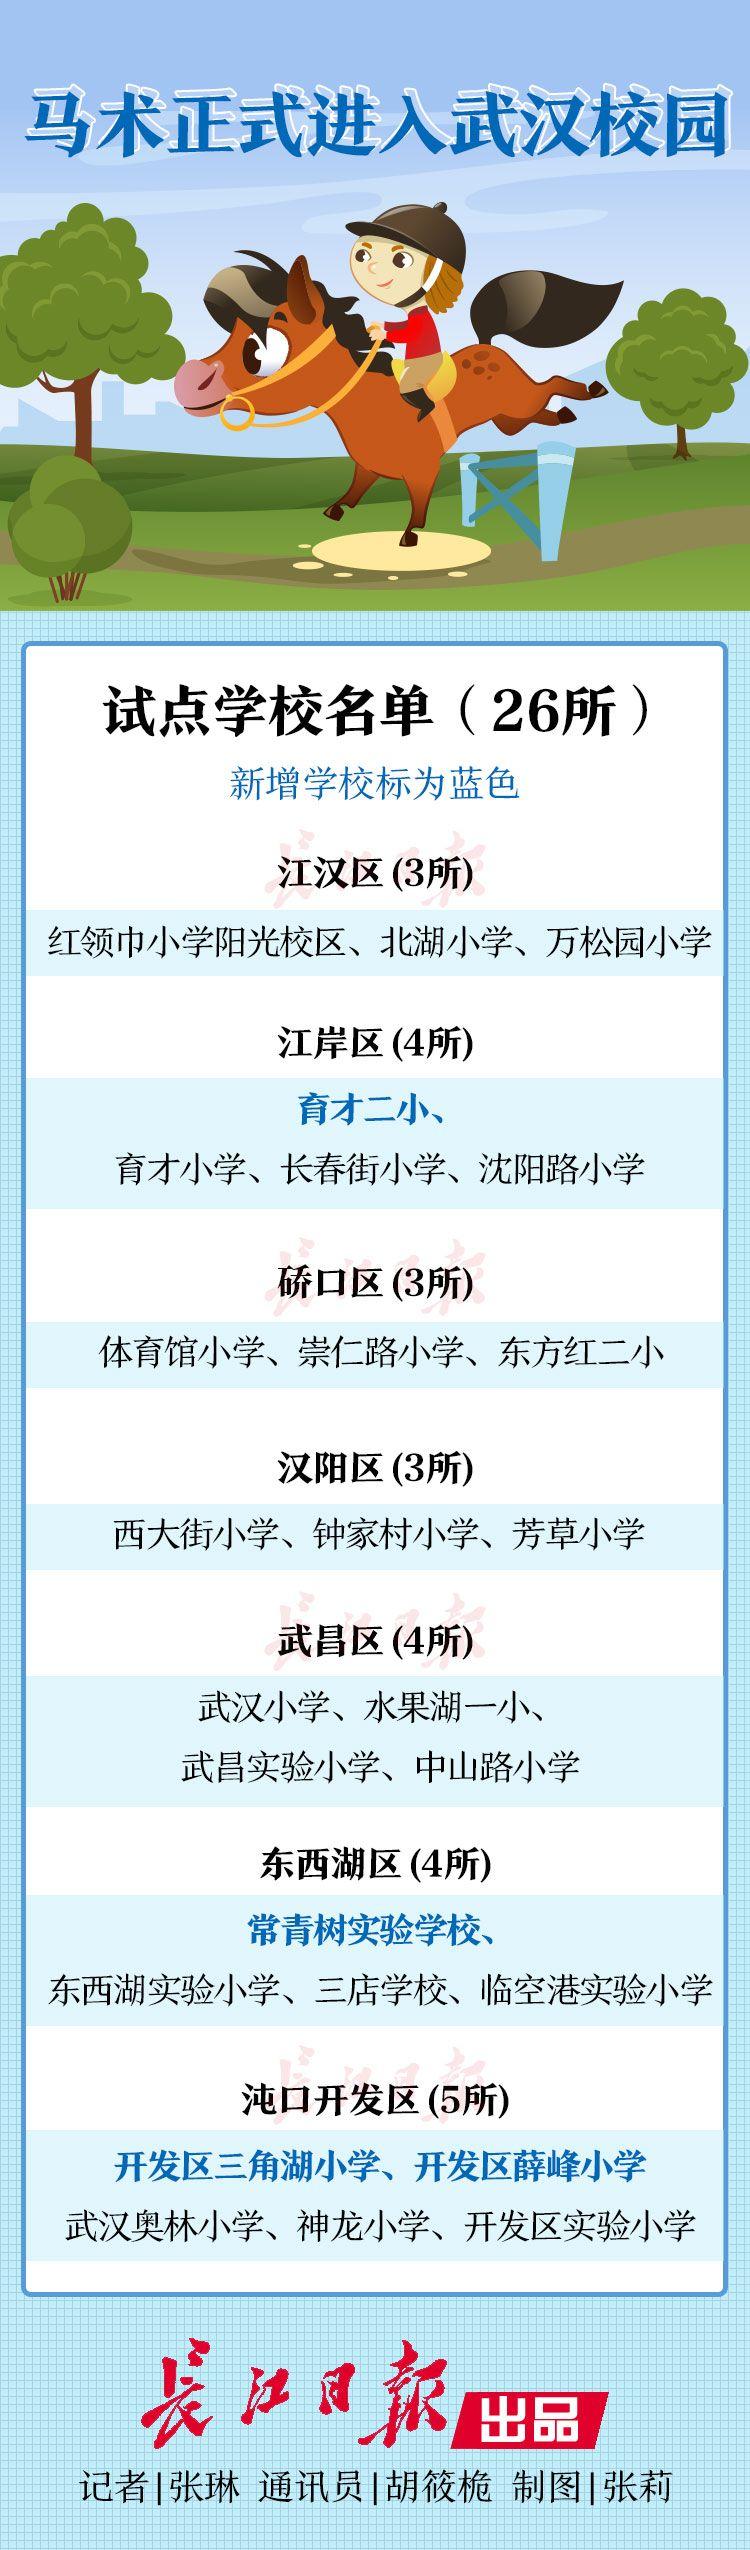 武汉马术公开课试点小学再增4所,看看有没有你家孩子的学校